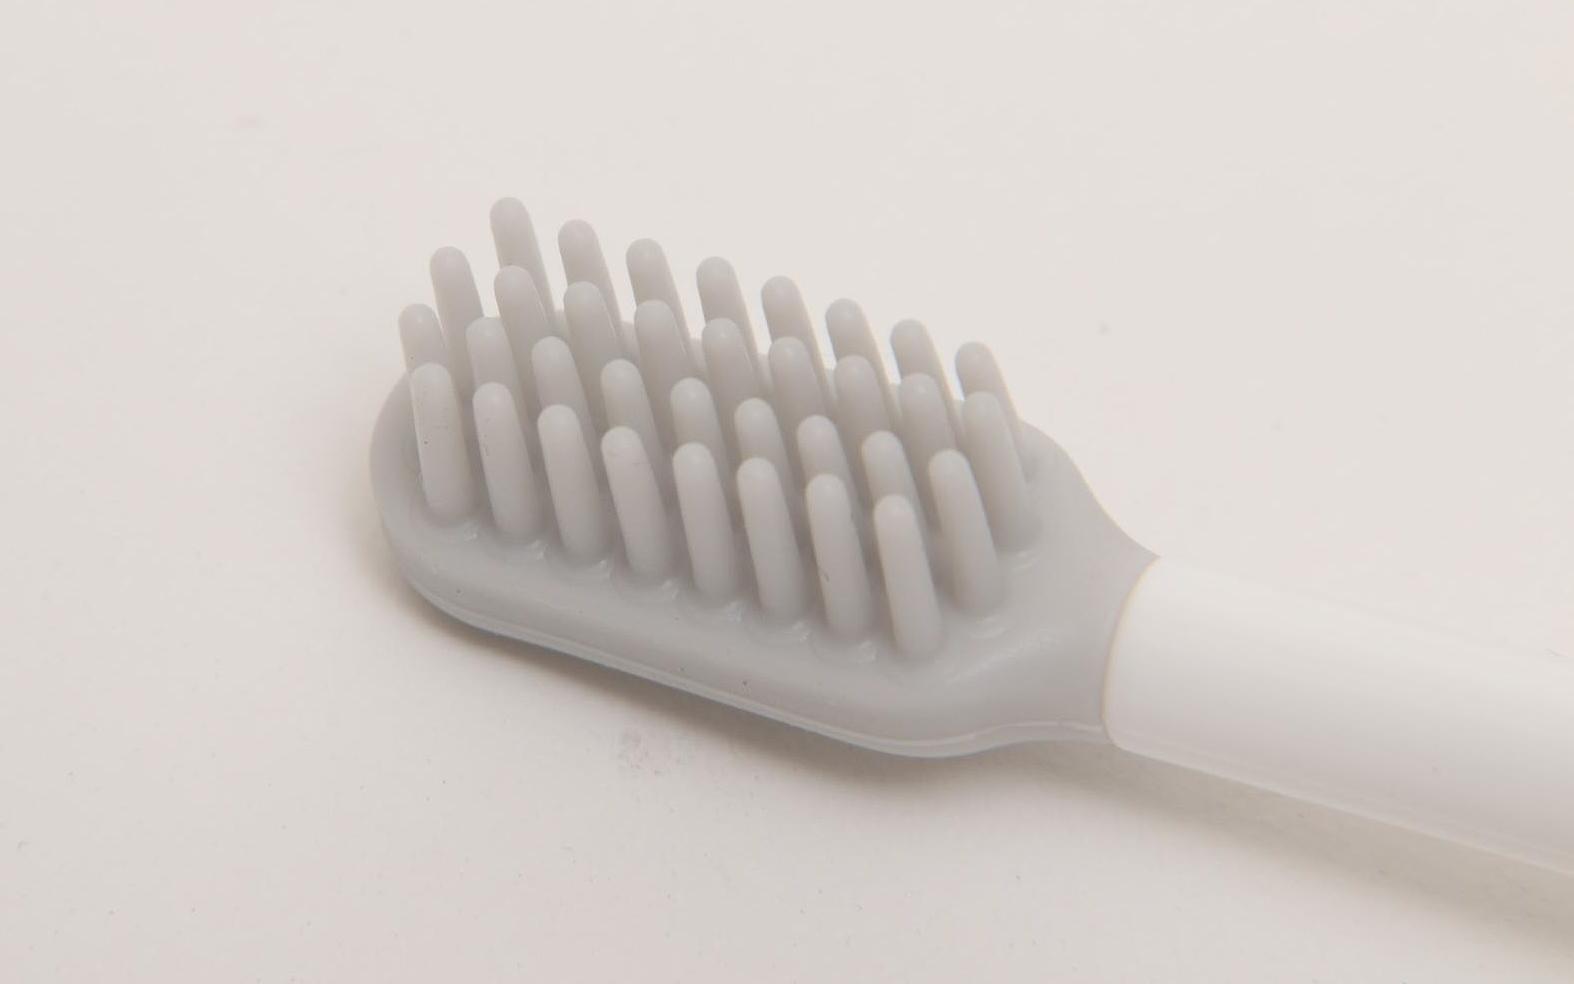 歯ぐきのケアは、シリコンブラシを直接歯ぐきにあてて利用。歯磨き粉を使わず、歯ぐきを刺激しながらケアすることで、歯茎の健康を維持する。歯ぐきを洗うというより、刺激的にケアする。